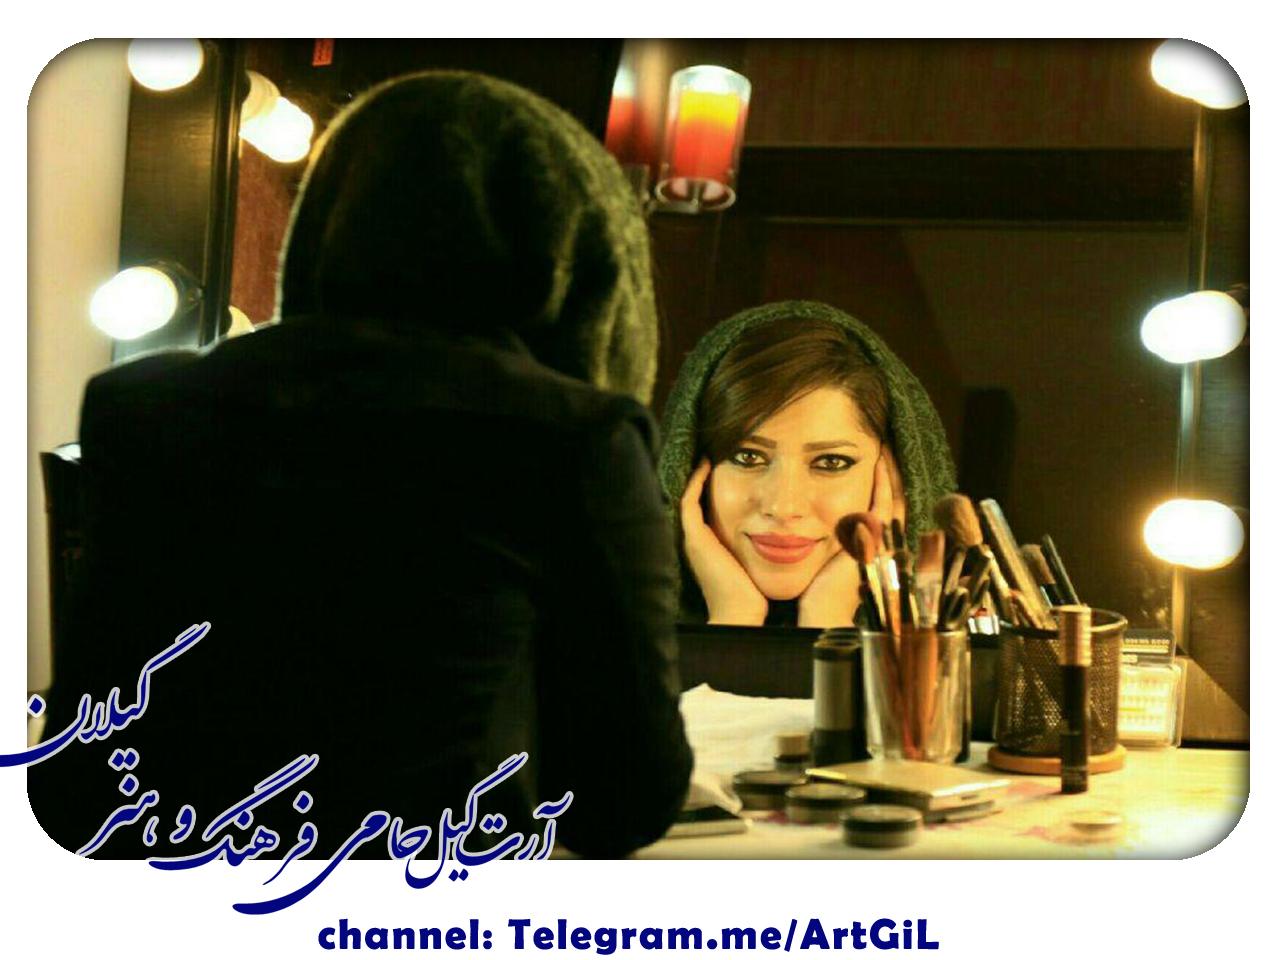 بیوگرافی شهرزاد خادم ( گریمور ، طراح سازنده ماسک های نمایشی و تن پوش های تبلیغاتی )